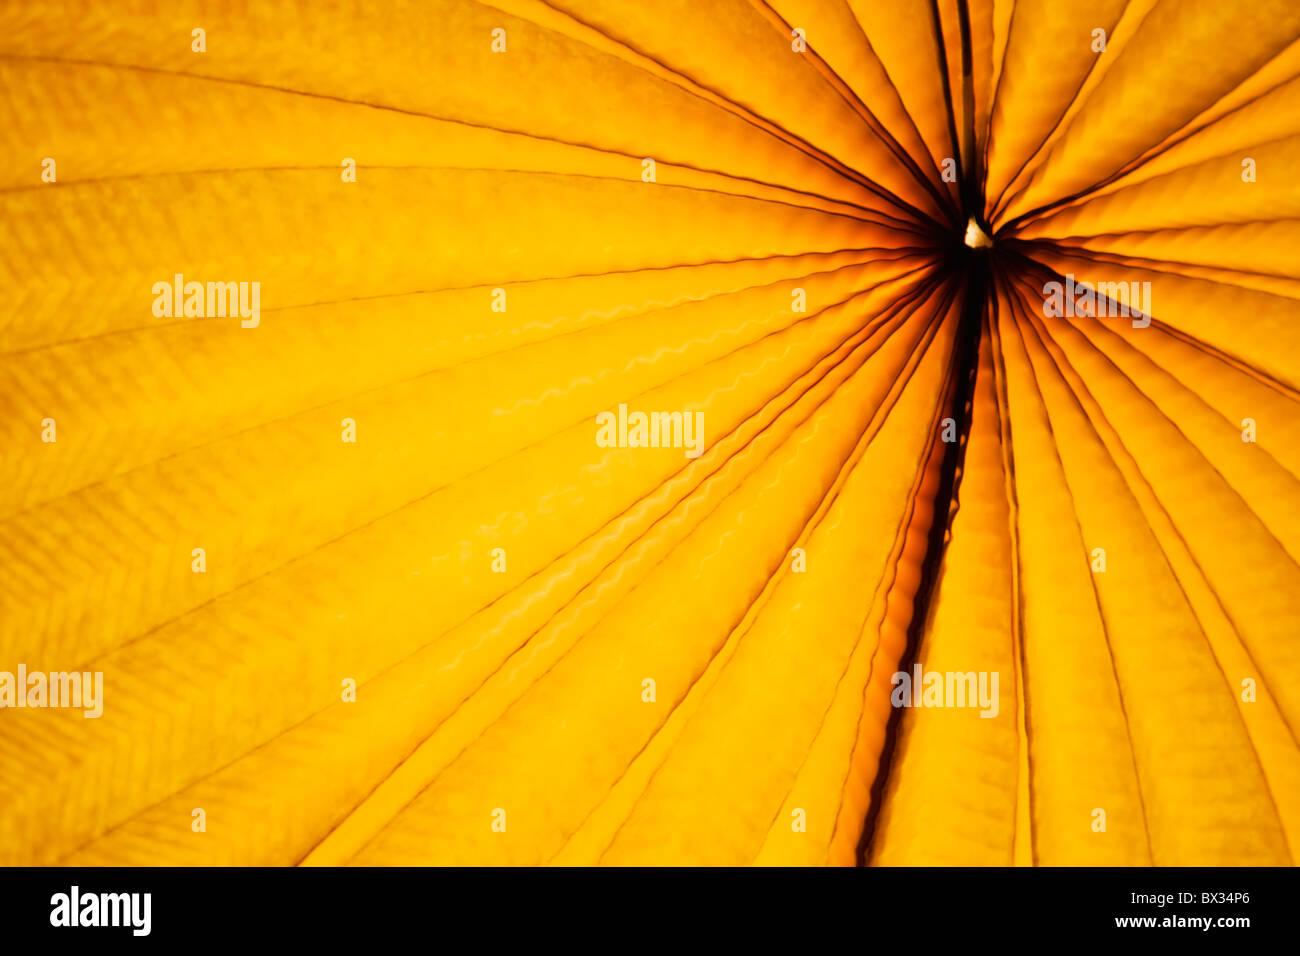 Linterna de papel chino en iluminar la luz naranja en la noche Imagen De Stock